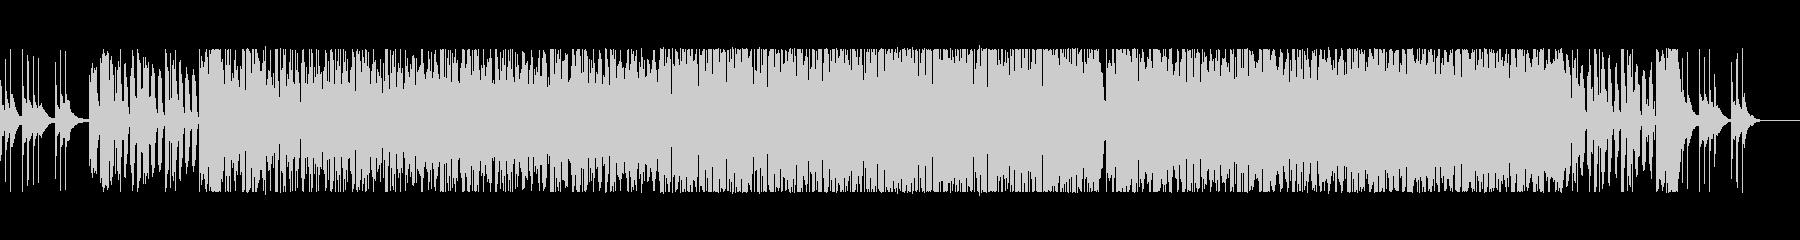 サスペンス劇伴■弦楽入り4つ打ちテクノの未再生の波形